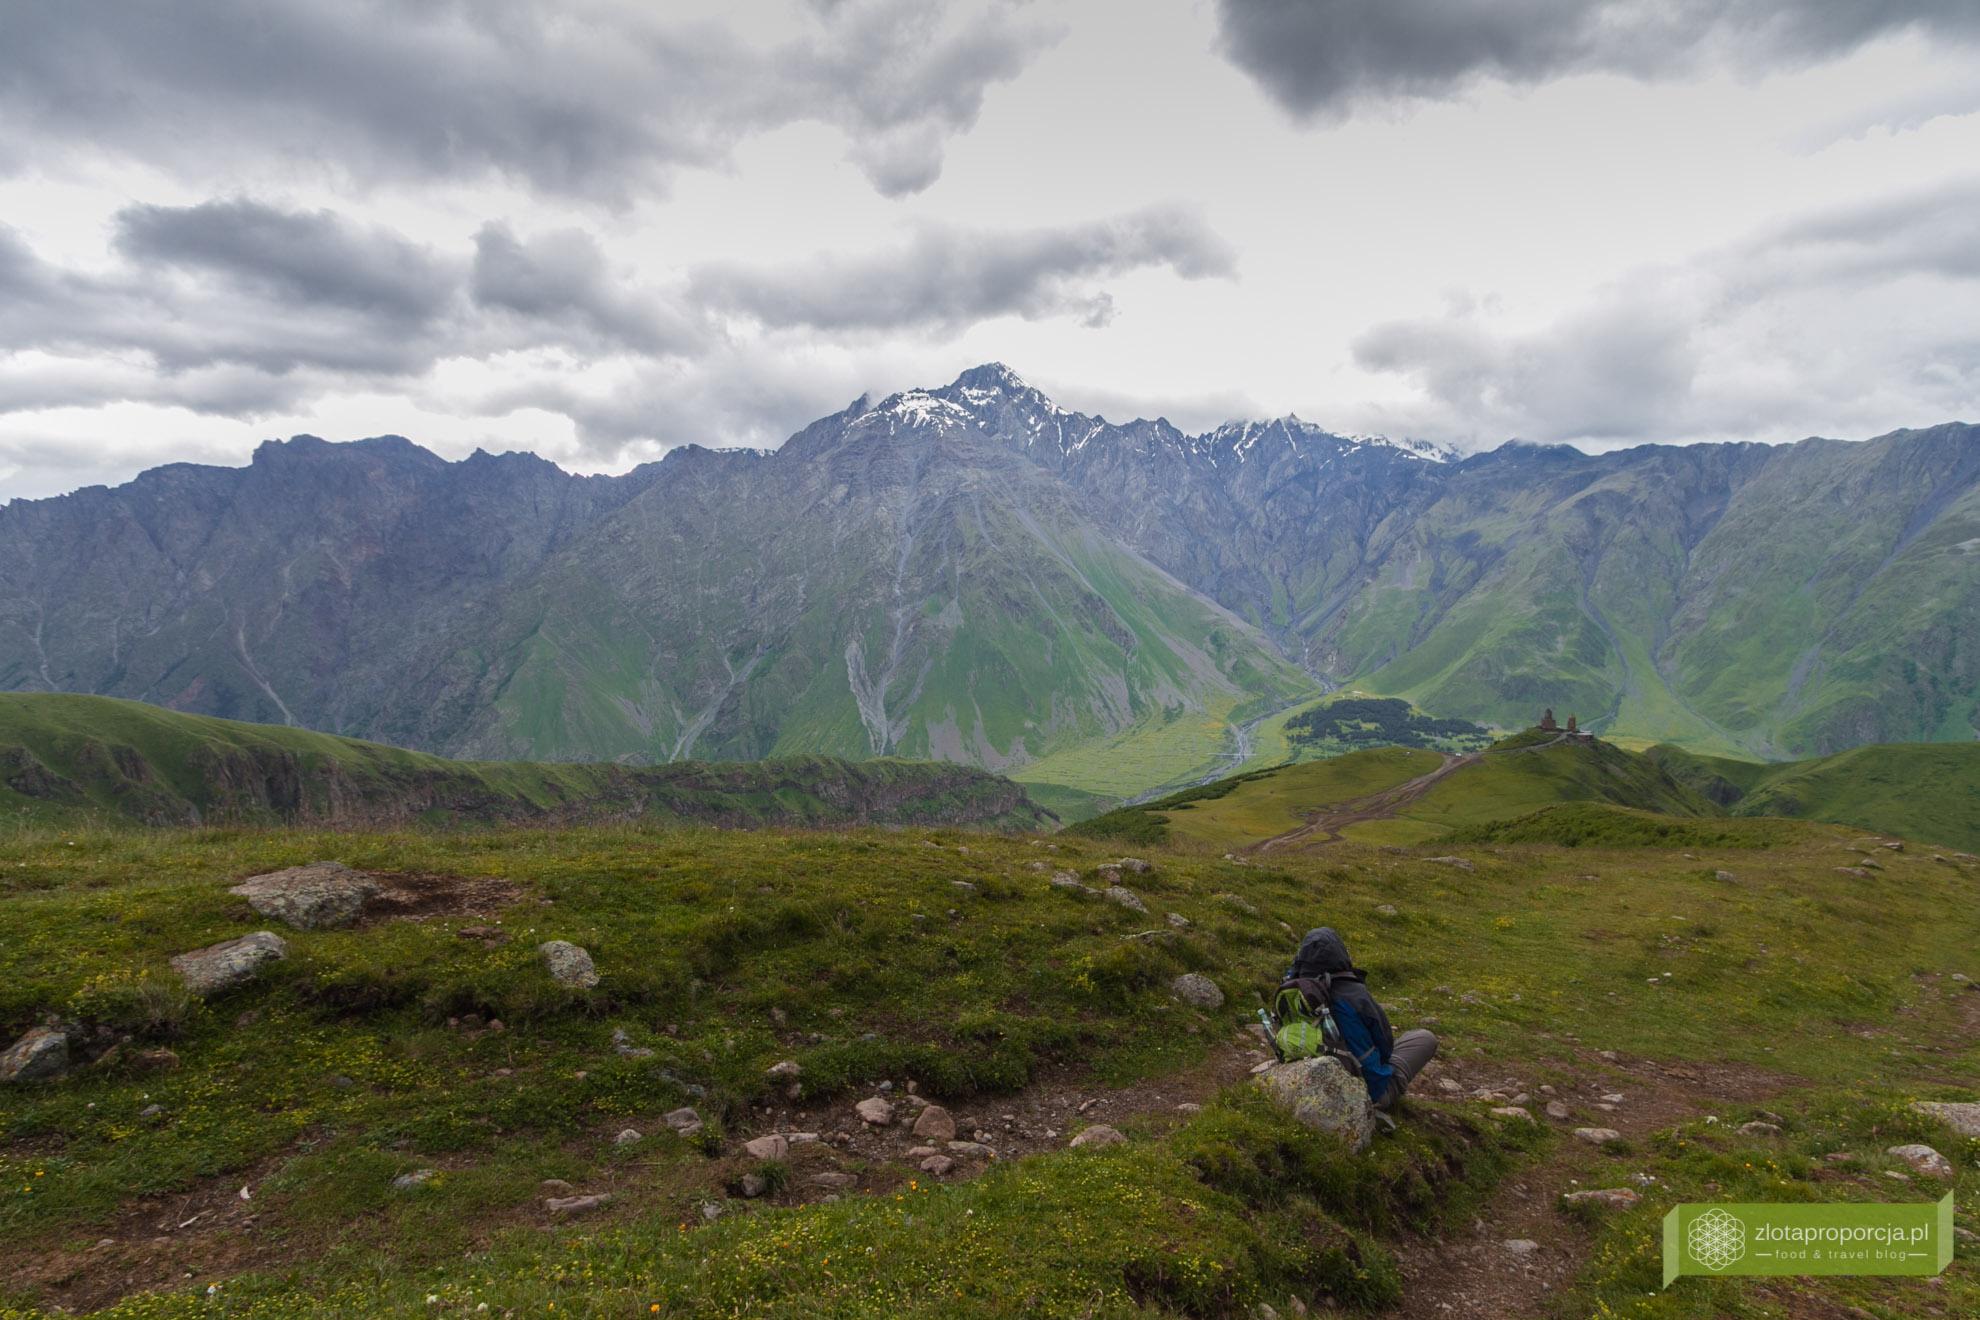 Kazbegi, Gruzja, trekking w Gruzji, atrakcje w Gruzji, Kazbegi